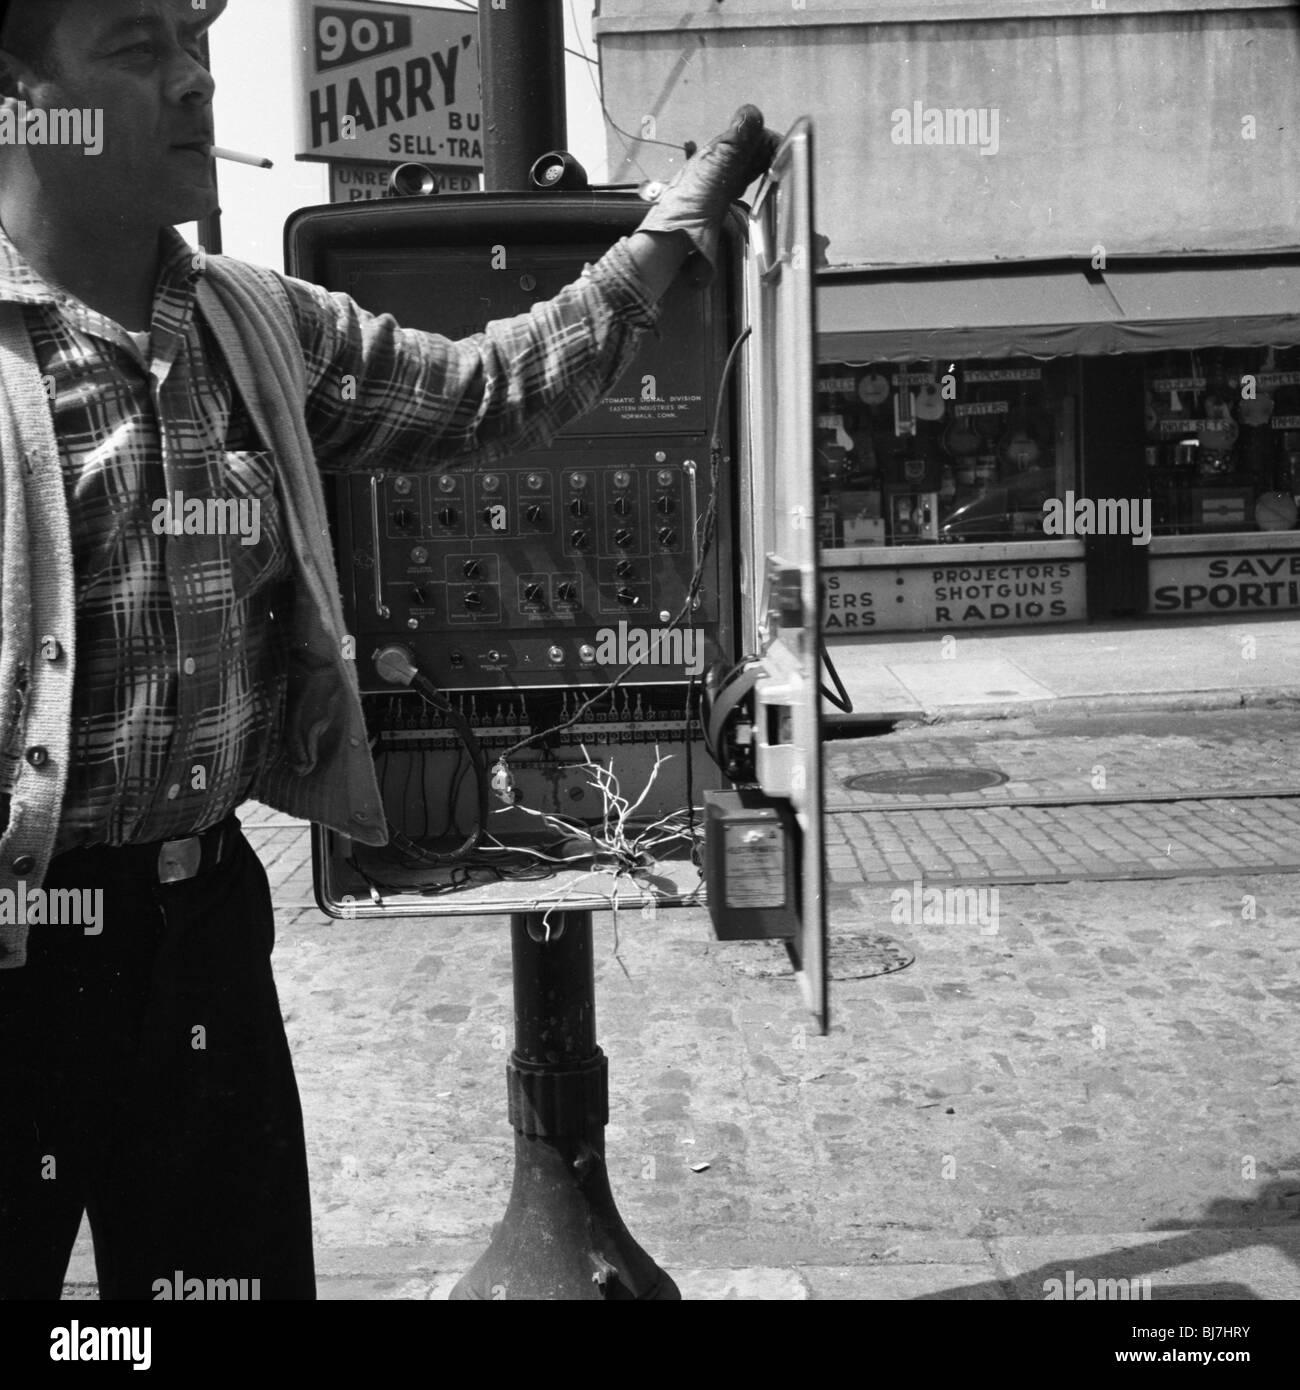 Una compagnia telefonica lavoratore con sigaretta penzolante lavora a Philadelphia durante il 1960s. blu collare Immagini Stock